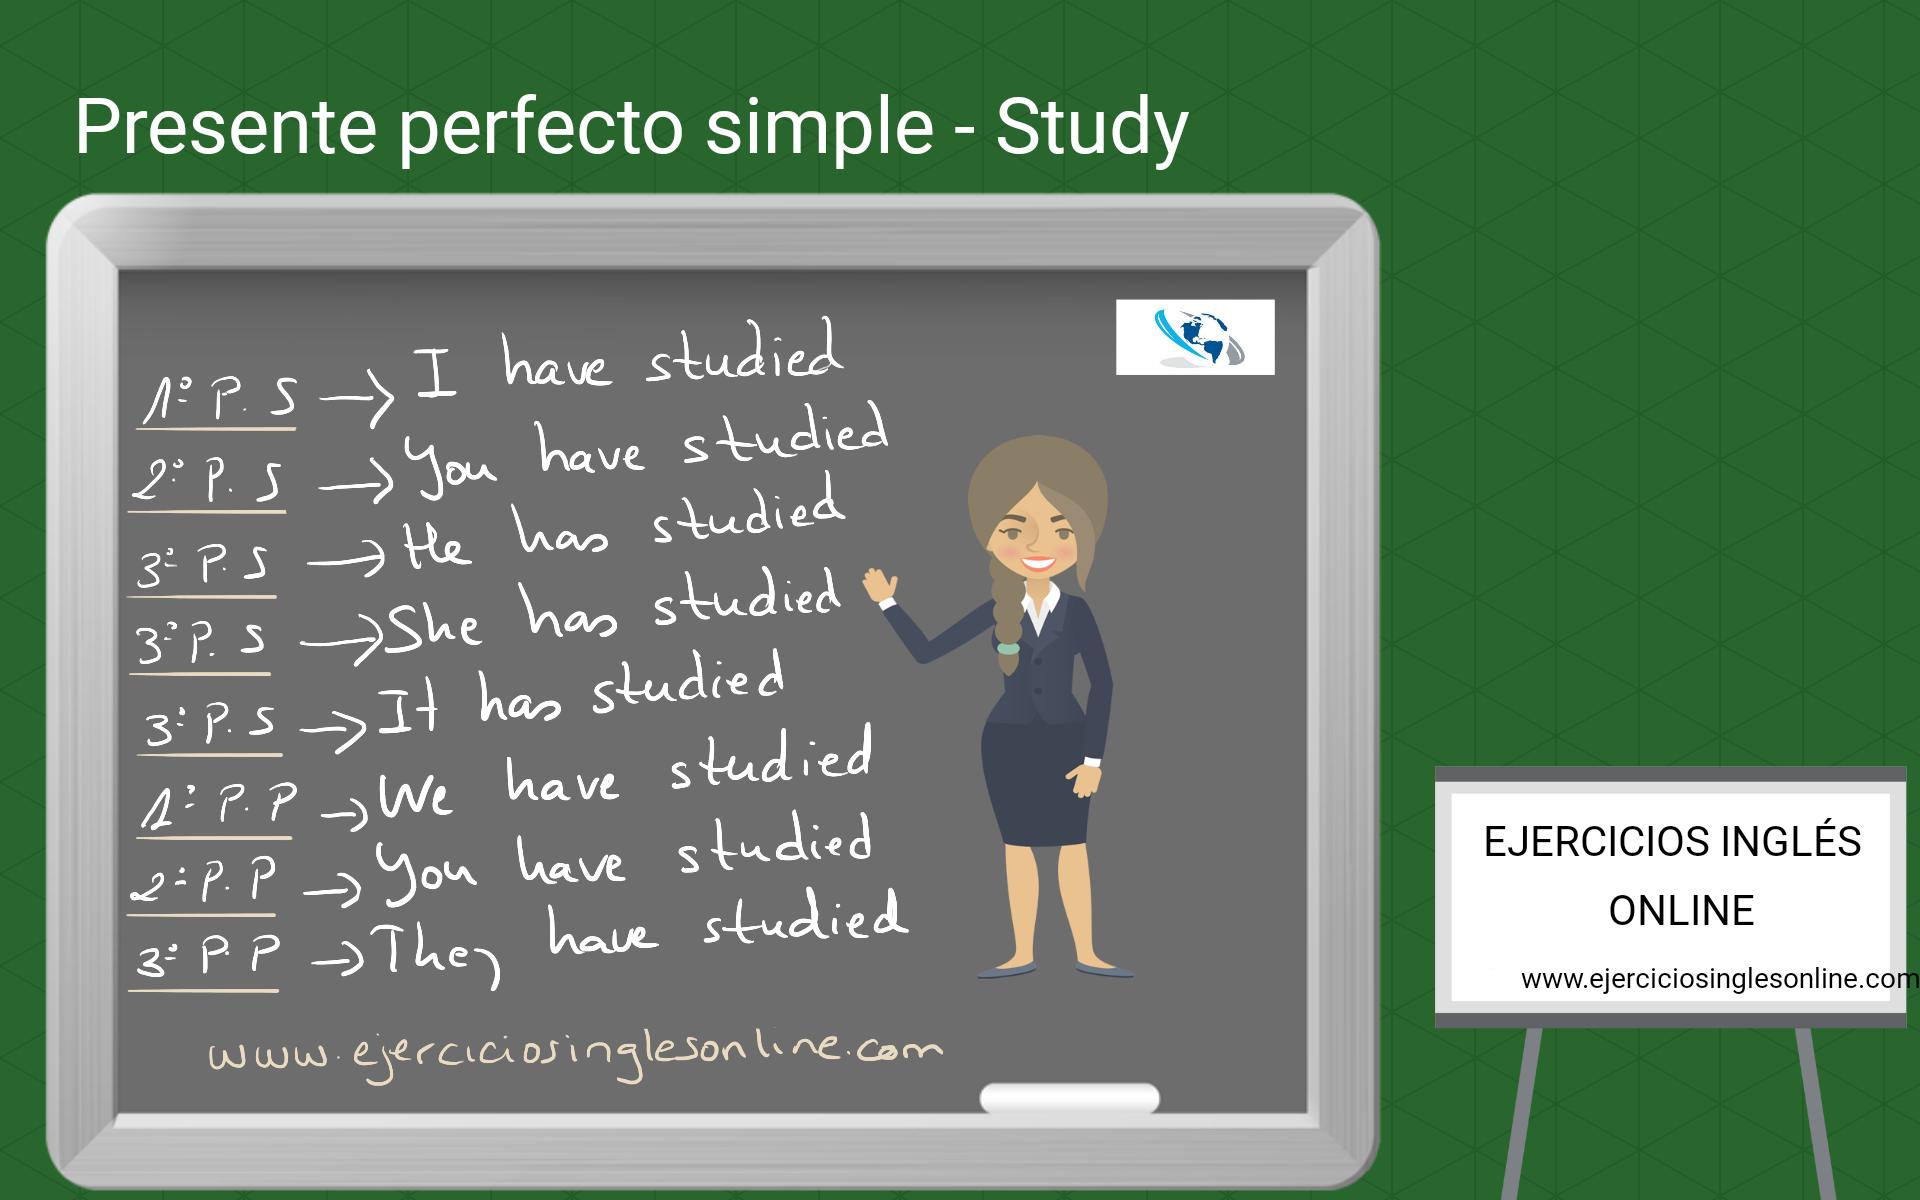 Presente perfecto simple - Ejercicio 10 - Interactivo